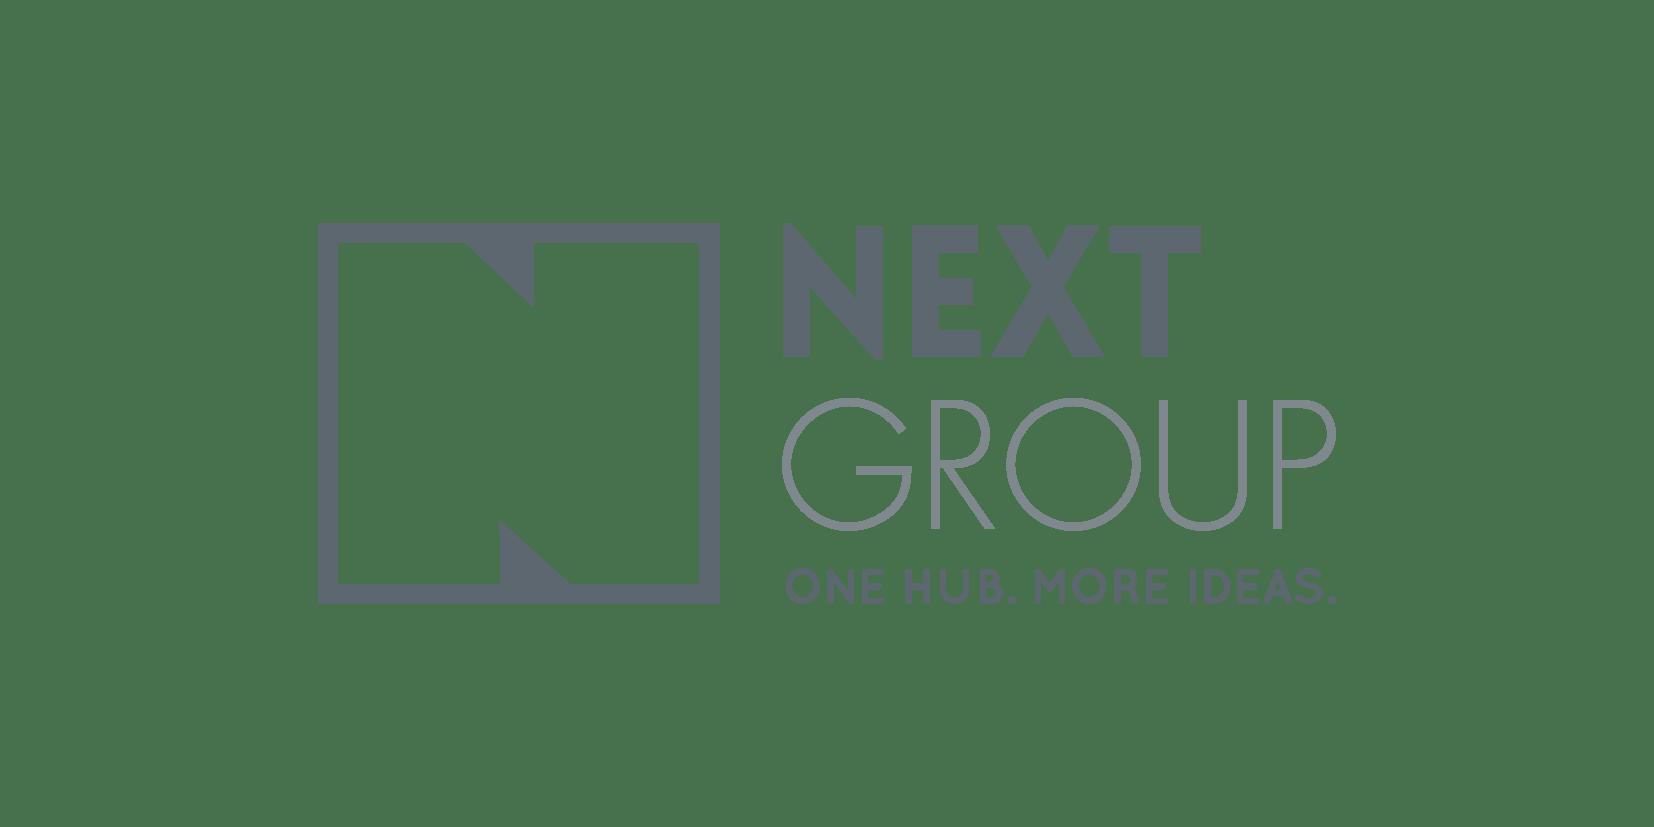 GENERALI GRAND PRIX 2018